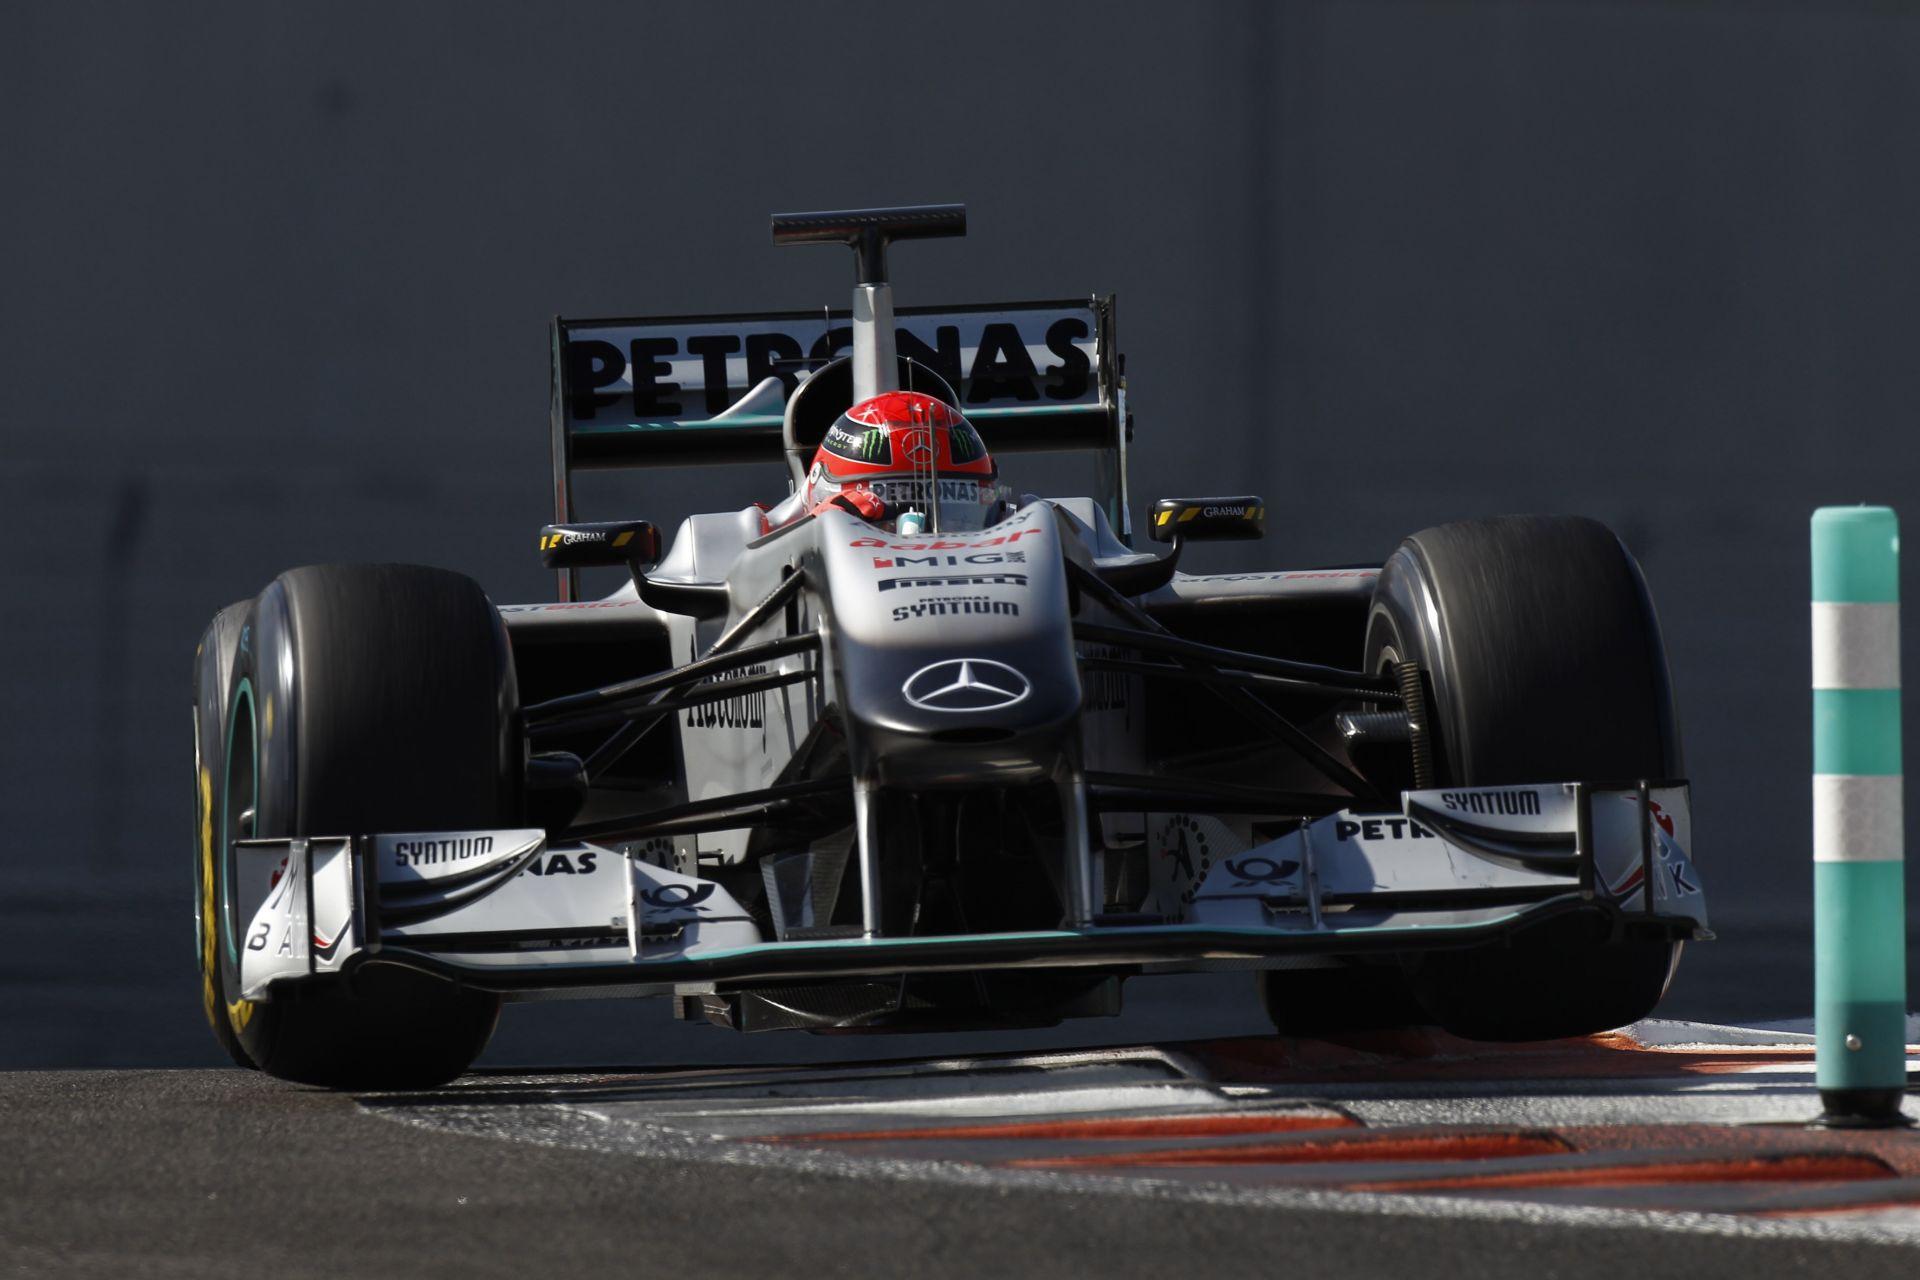 F1-ES MŰSOR: Végre vége a 2015-ös szezonnak?! Jövőre Ferrari-győzelem, vagy semmi! (19:00)